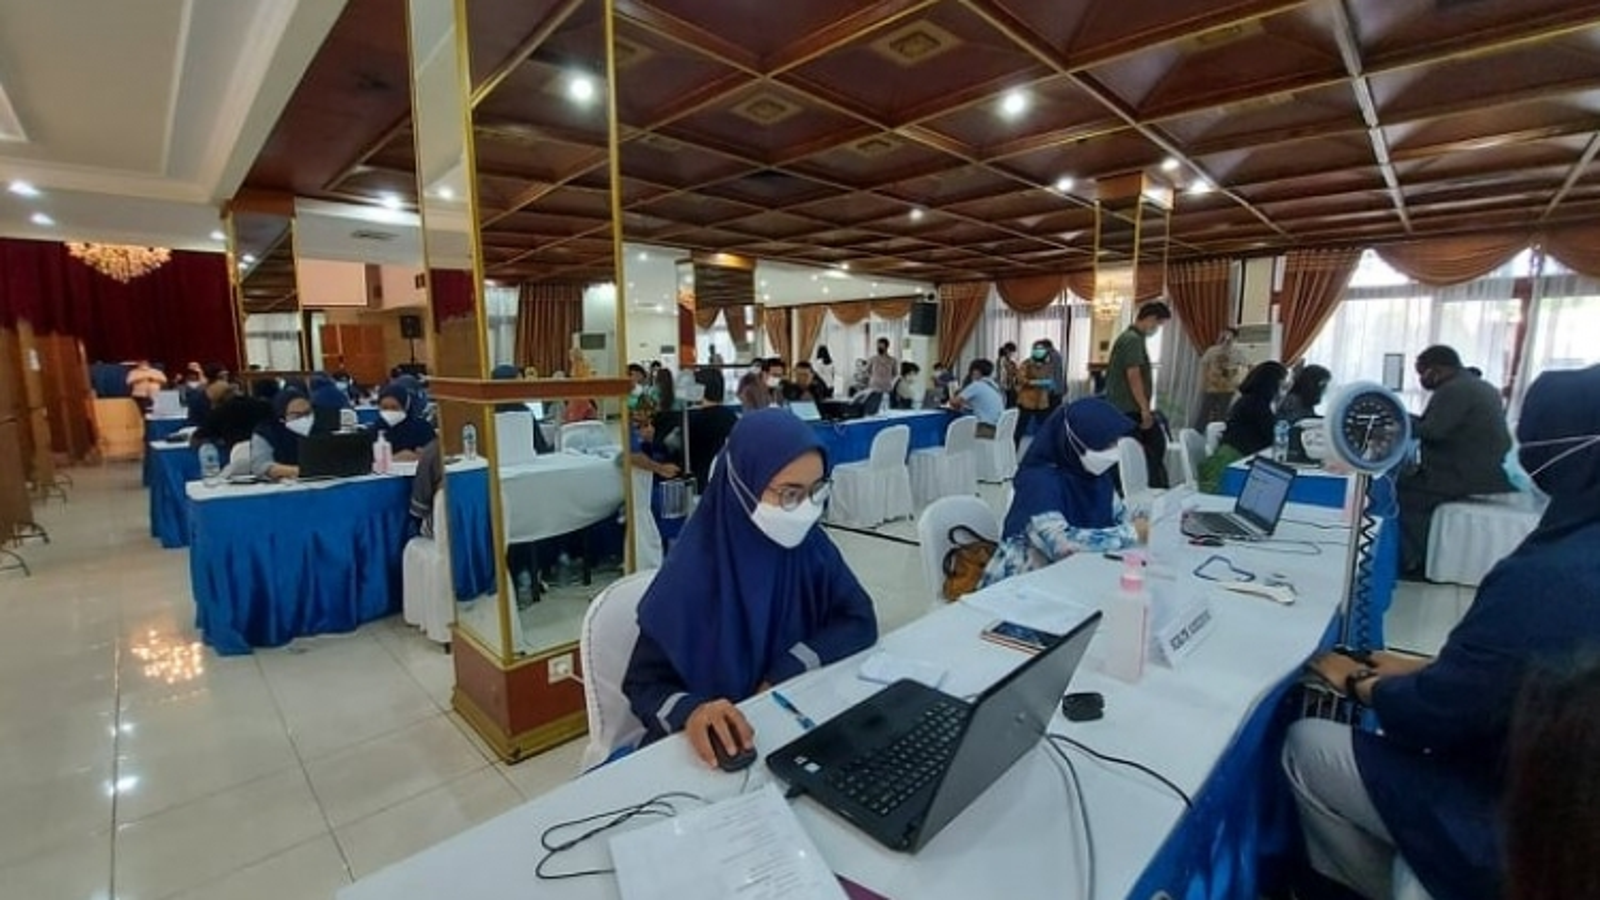 Indonesia tiêm chủng vaccine Covid-19 cho người nước ngoài